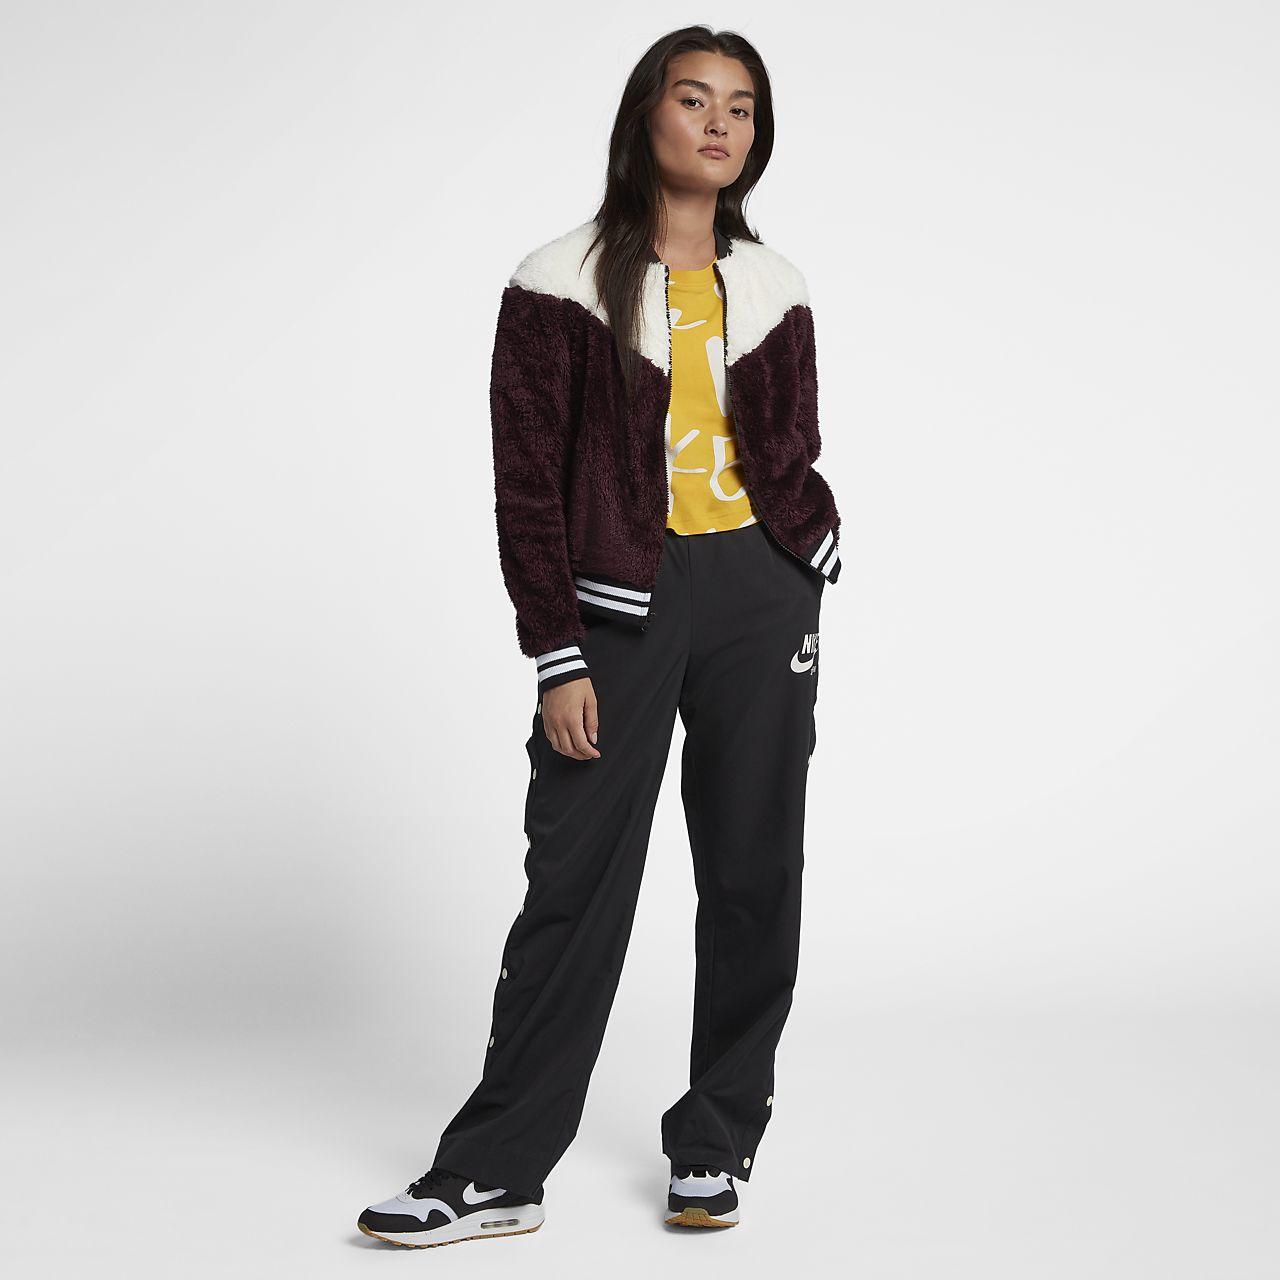 036183ba Nike Sportswear Women's Sherpa Bomber Jacket. Nike.com HR